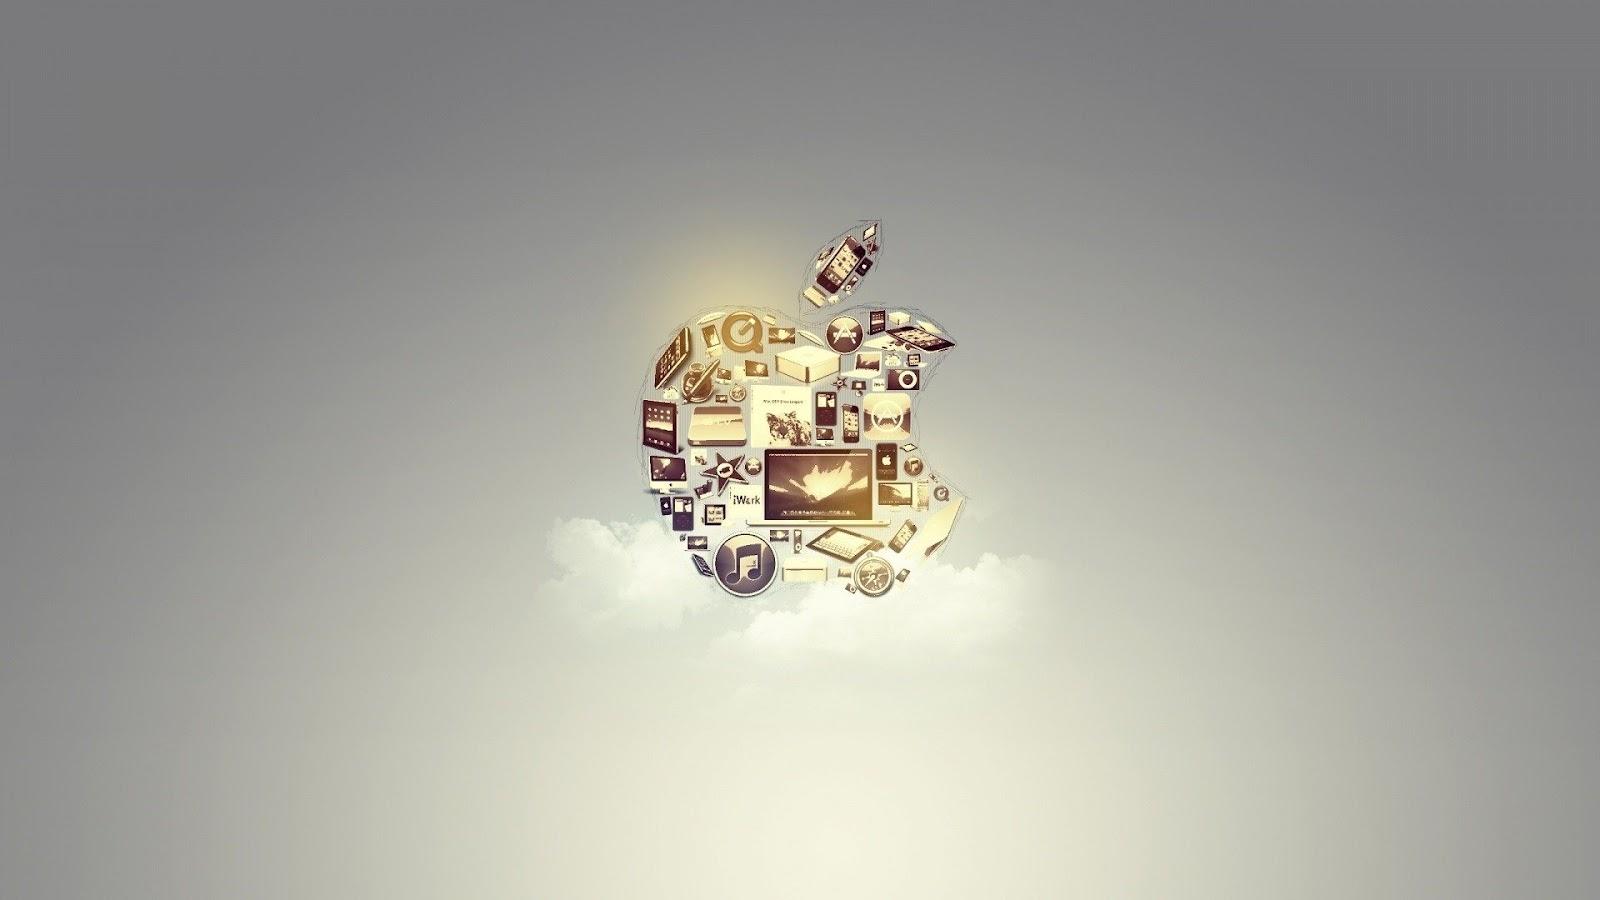 Logo da Apple na nuvem